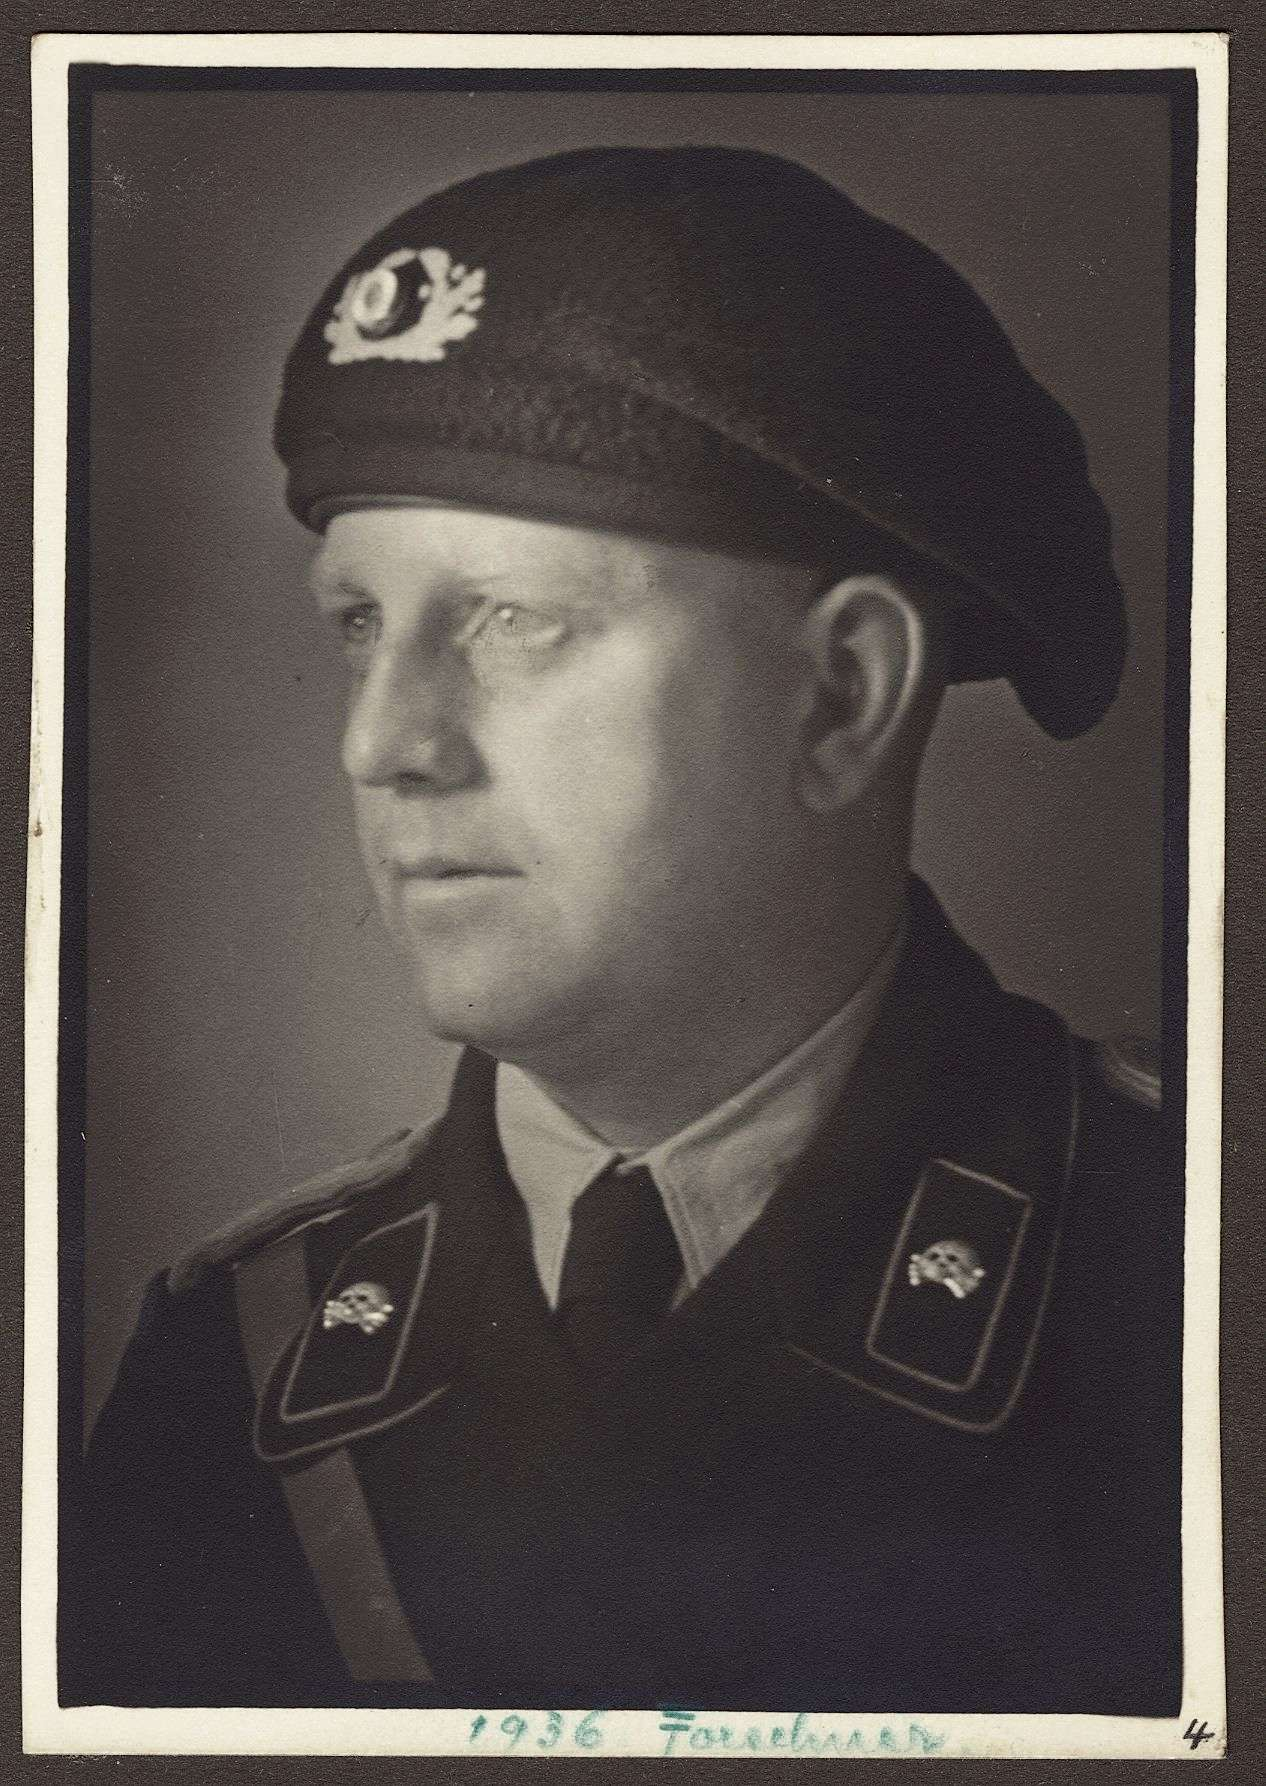 Forschner, Hugo, Bild 1